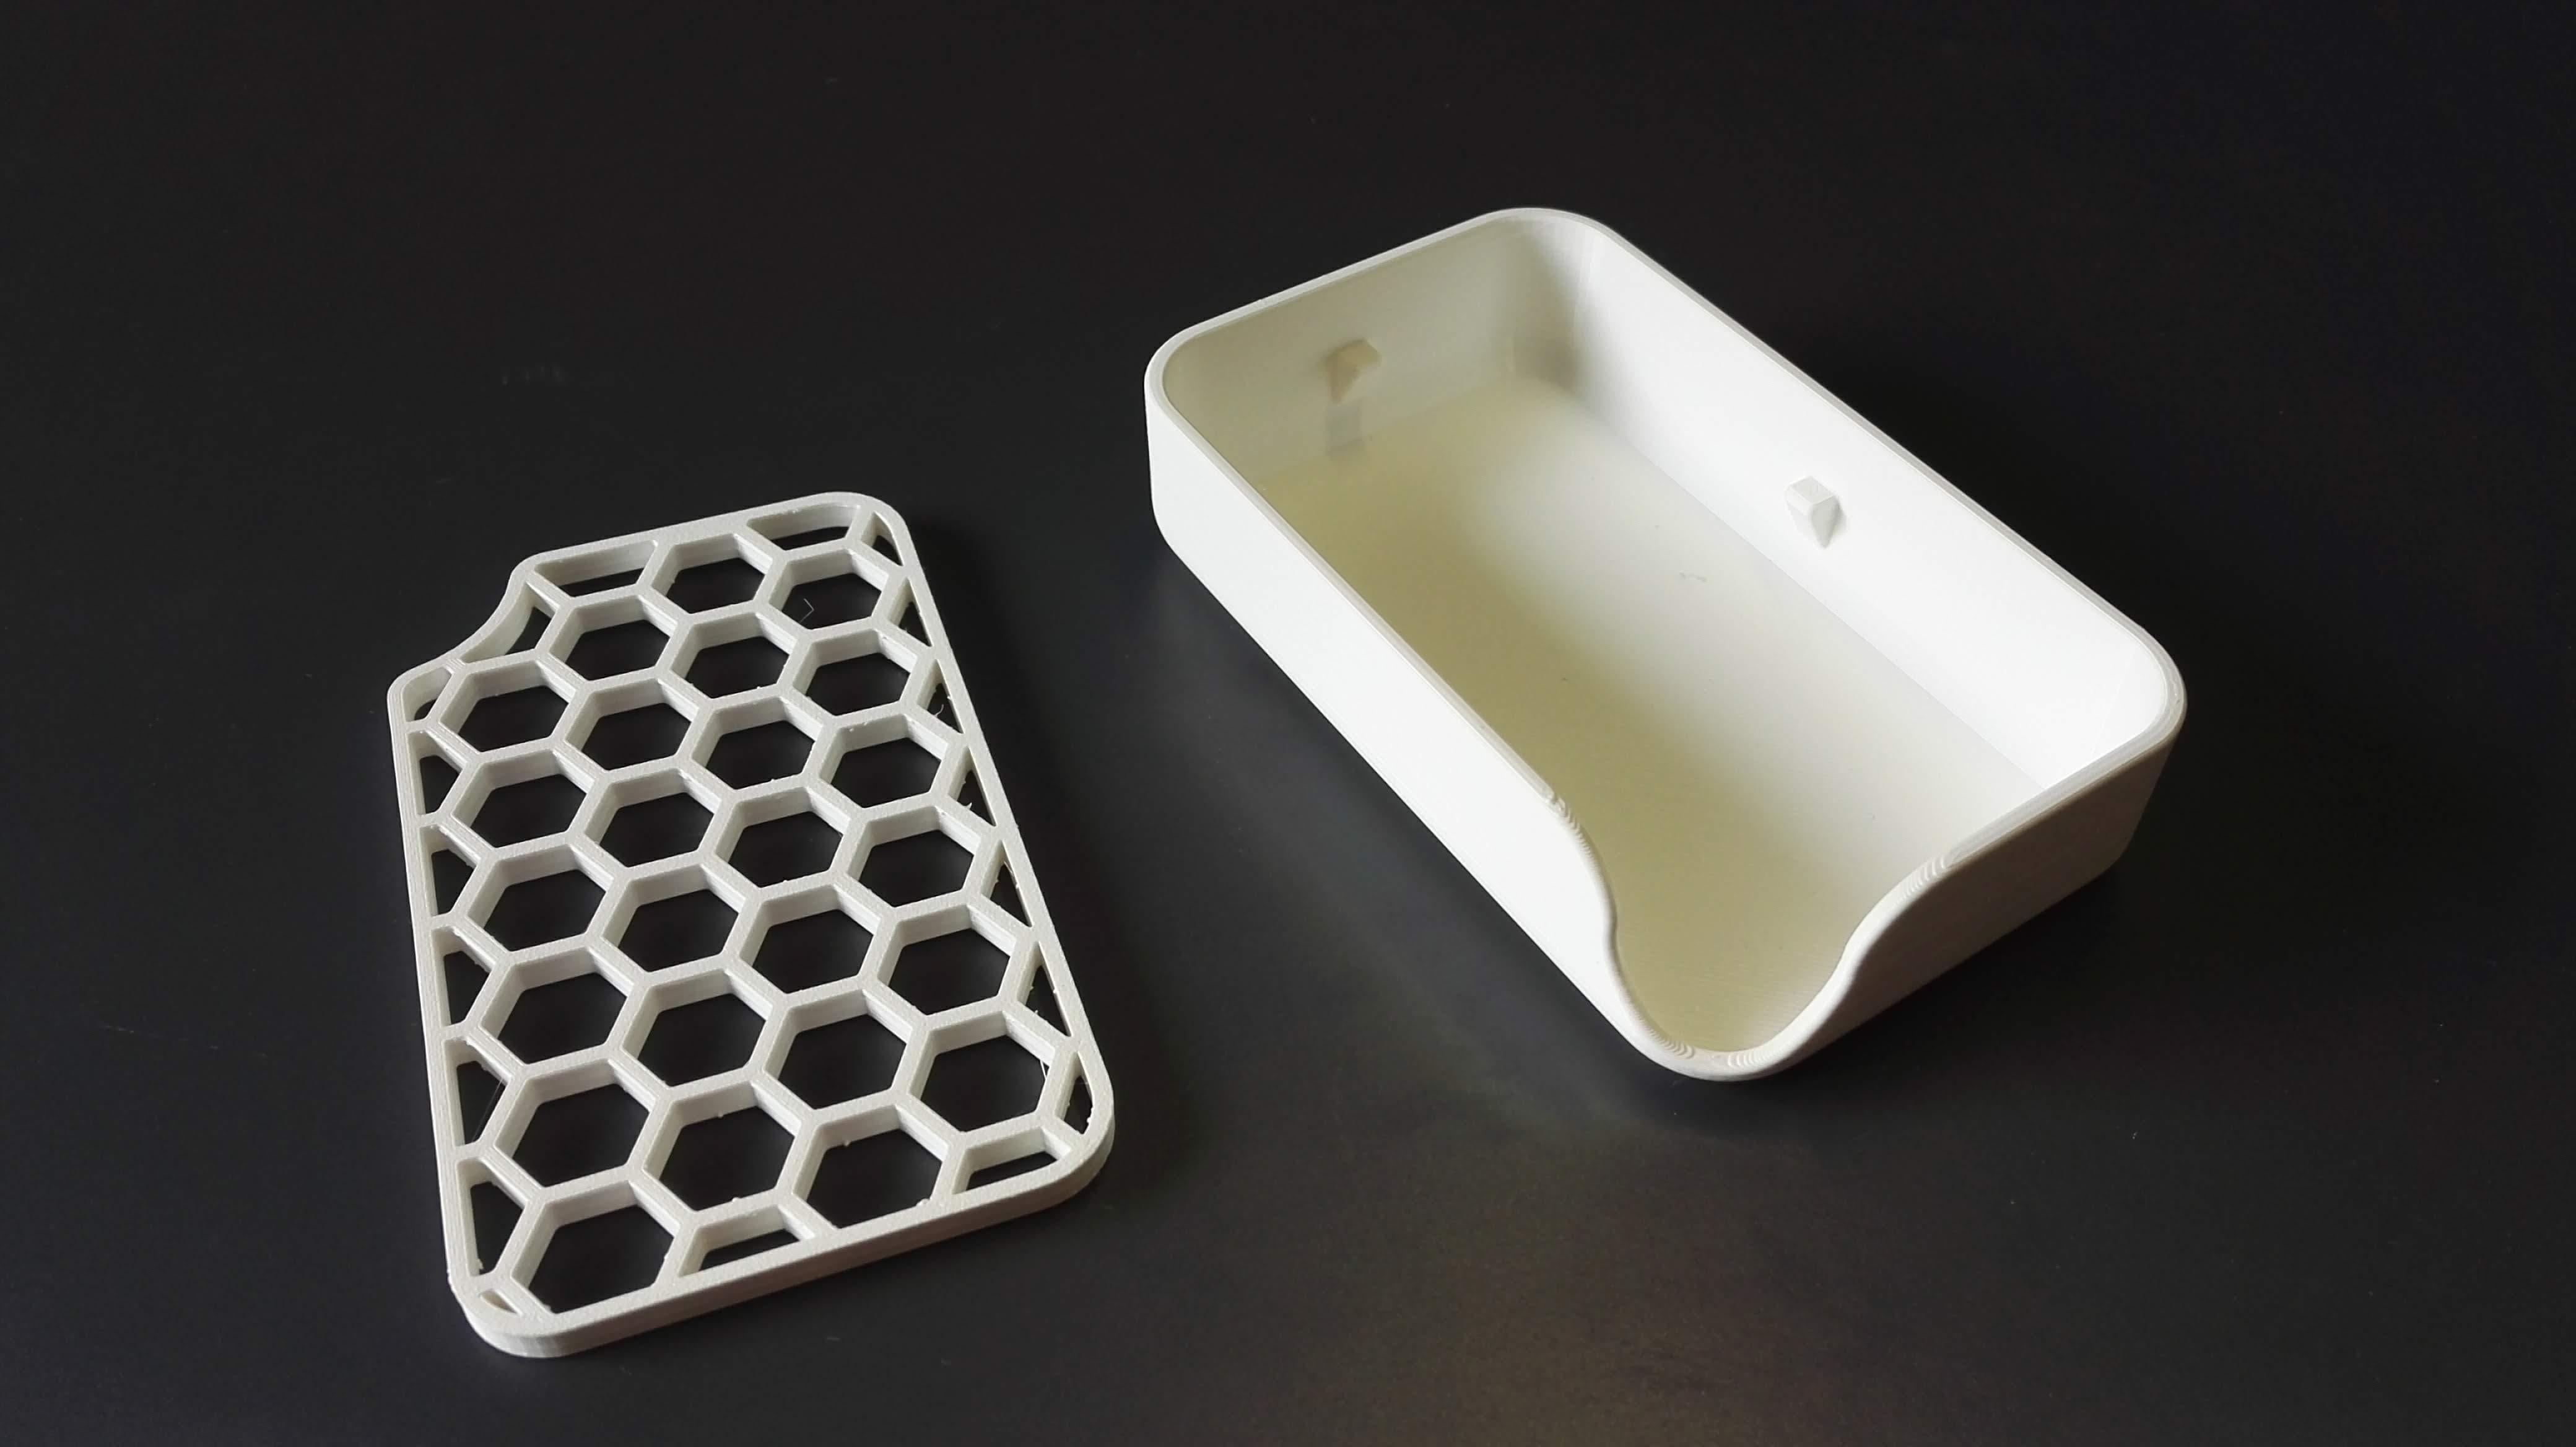 Sabun Tutucu Katı Sabunluk Organik Plastikten Banyo Aksesuarı